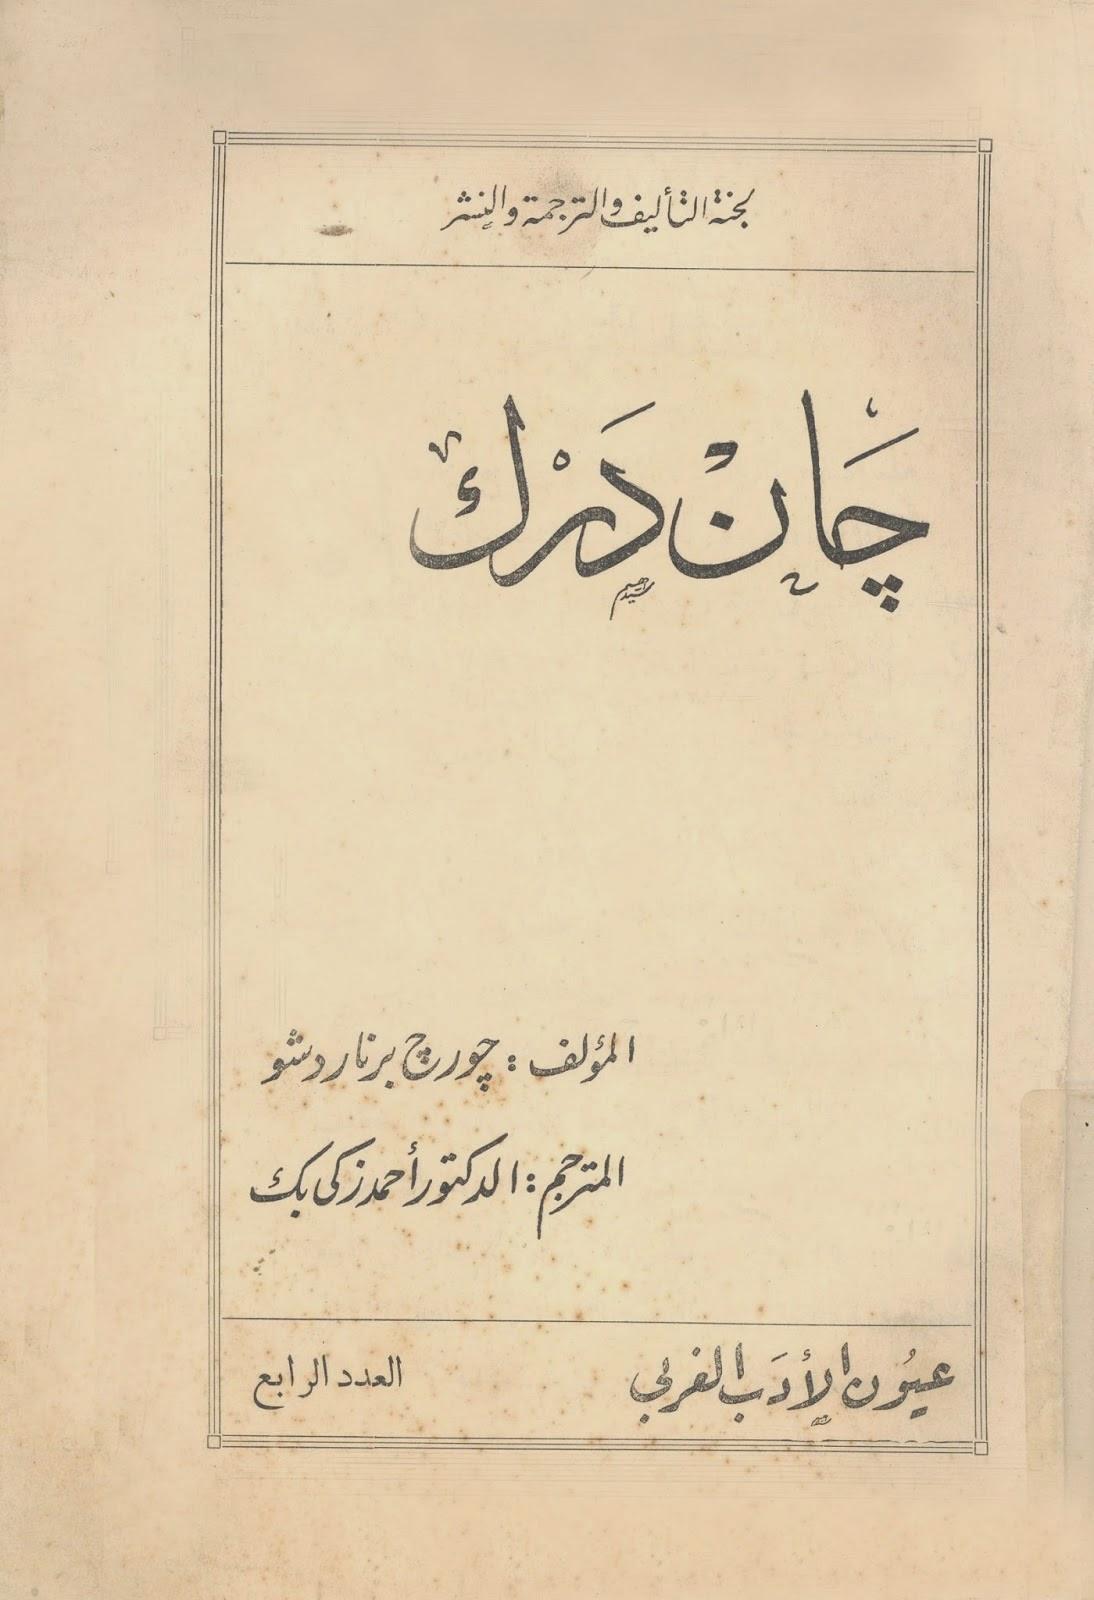 كتاب جان درك لـ جورج برنارد شو